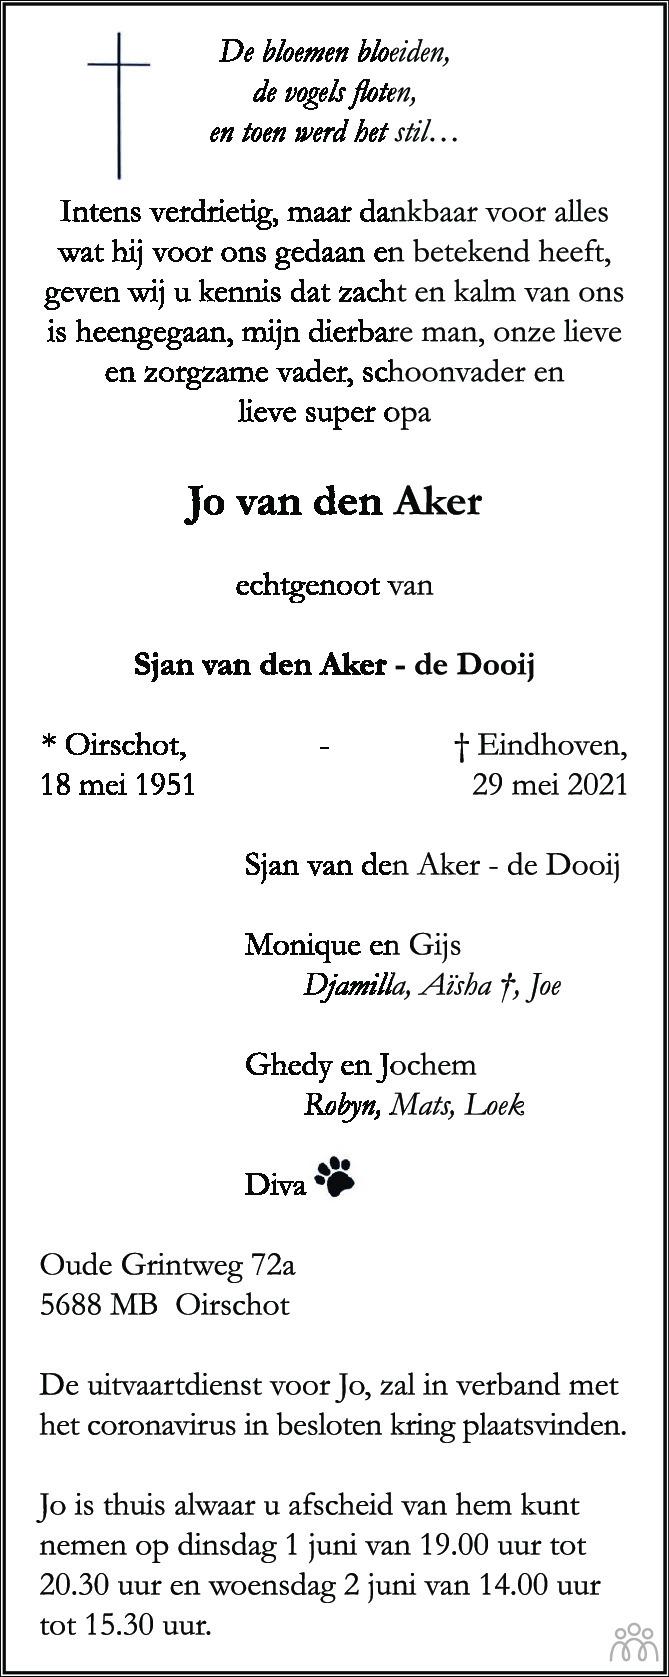 Overlijdensbericht van Jo van den Aker in Eindhovens Dagblad